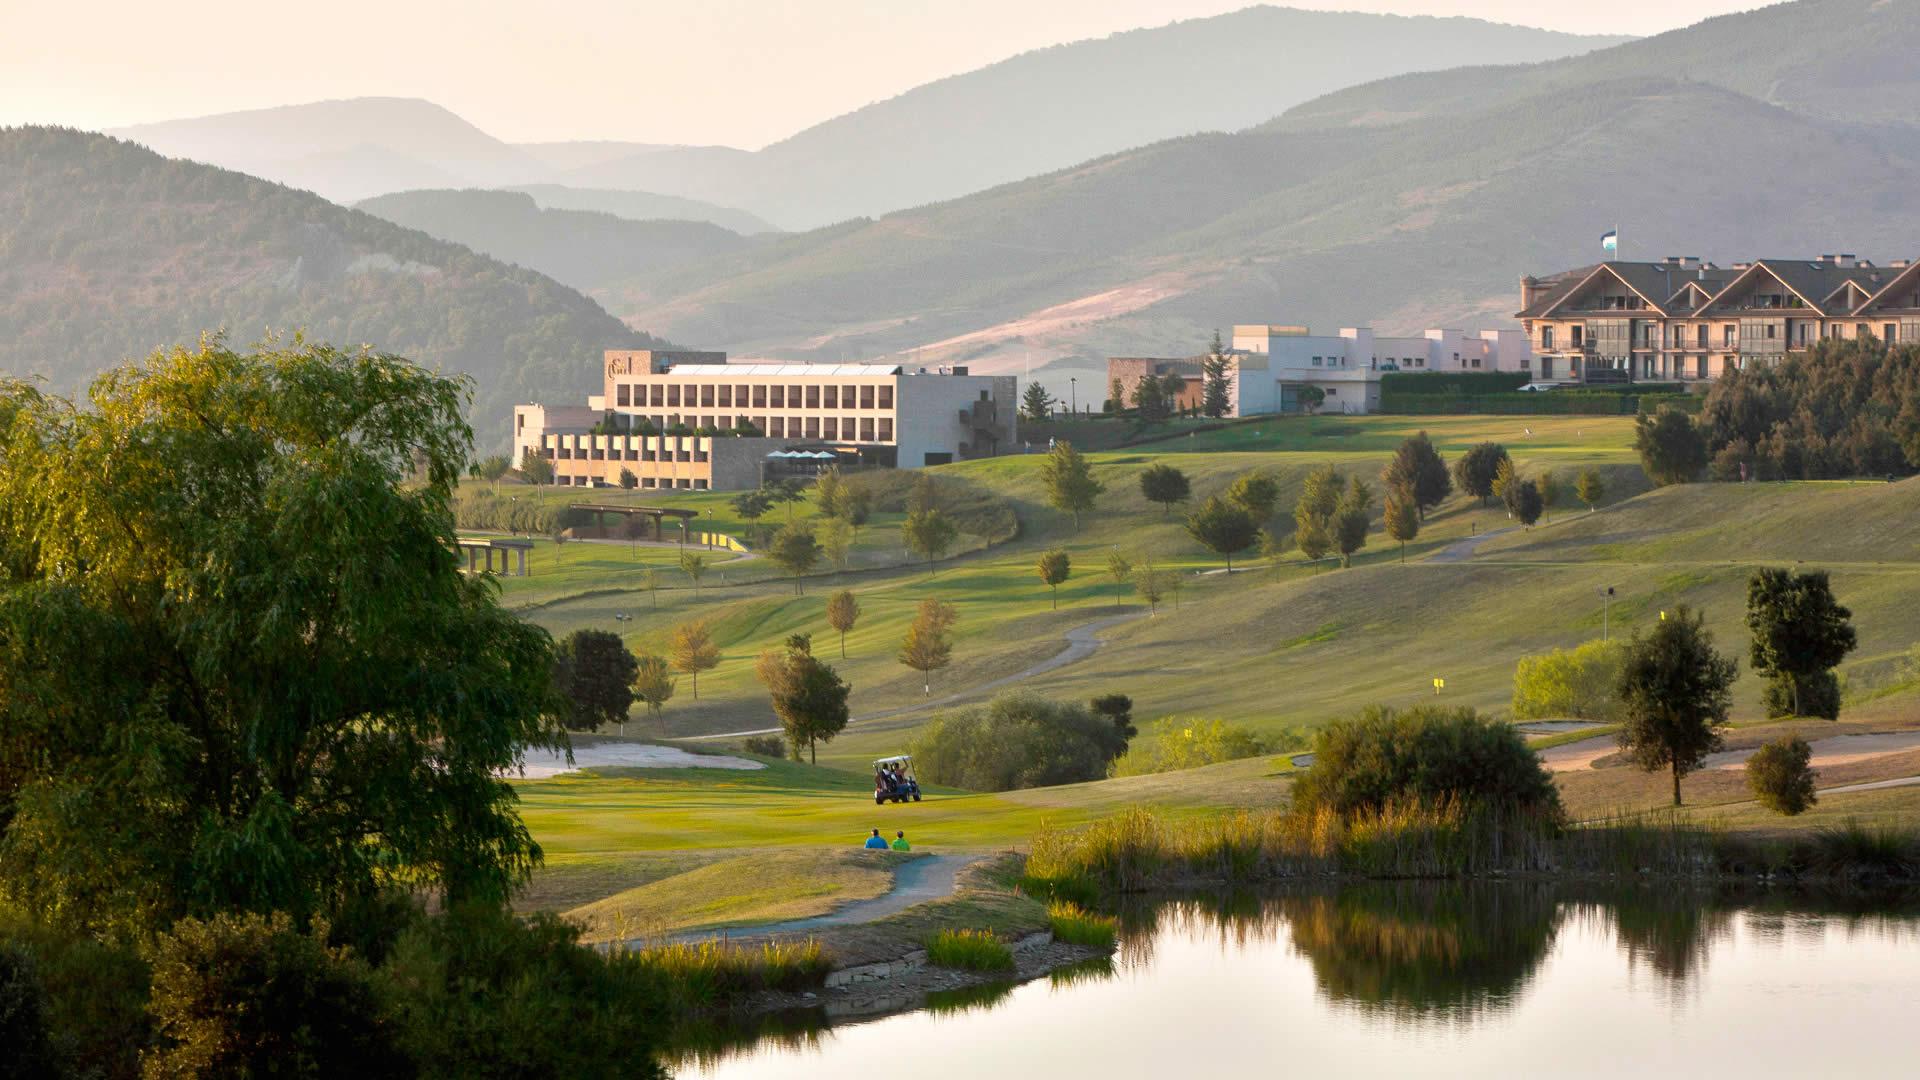 hotel con campo de golf: